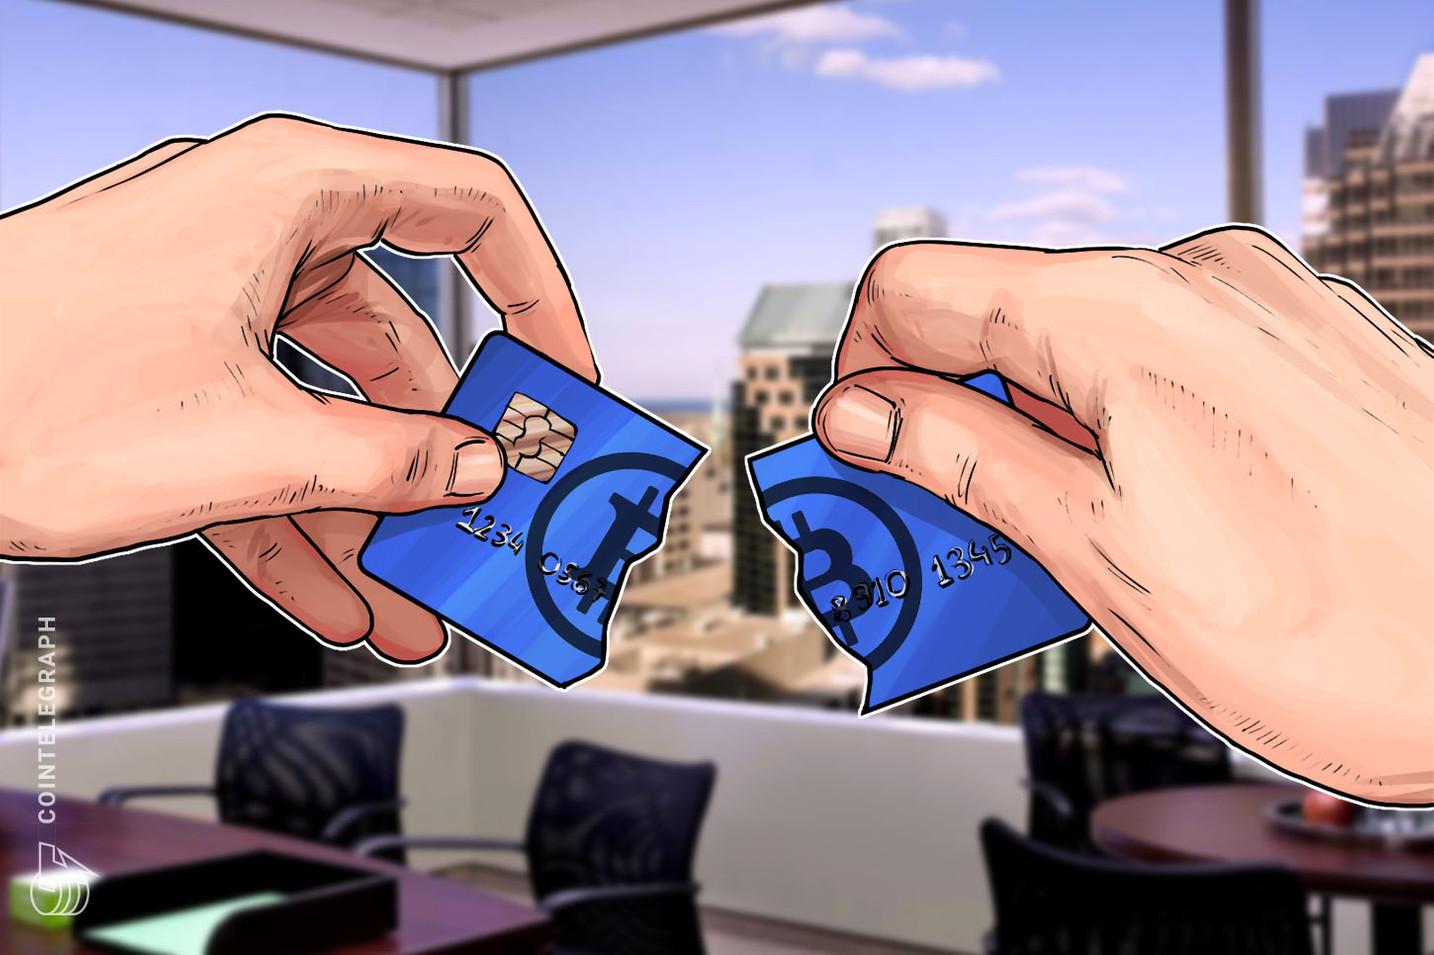 米仮想通貨取引所コインベース対応のビットコインデビッドカード 4月にサービス停止